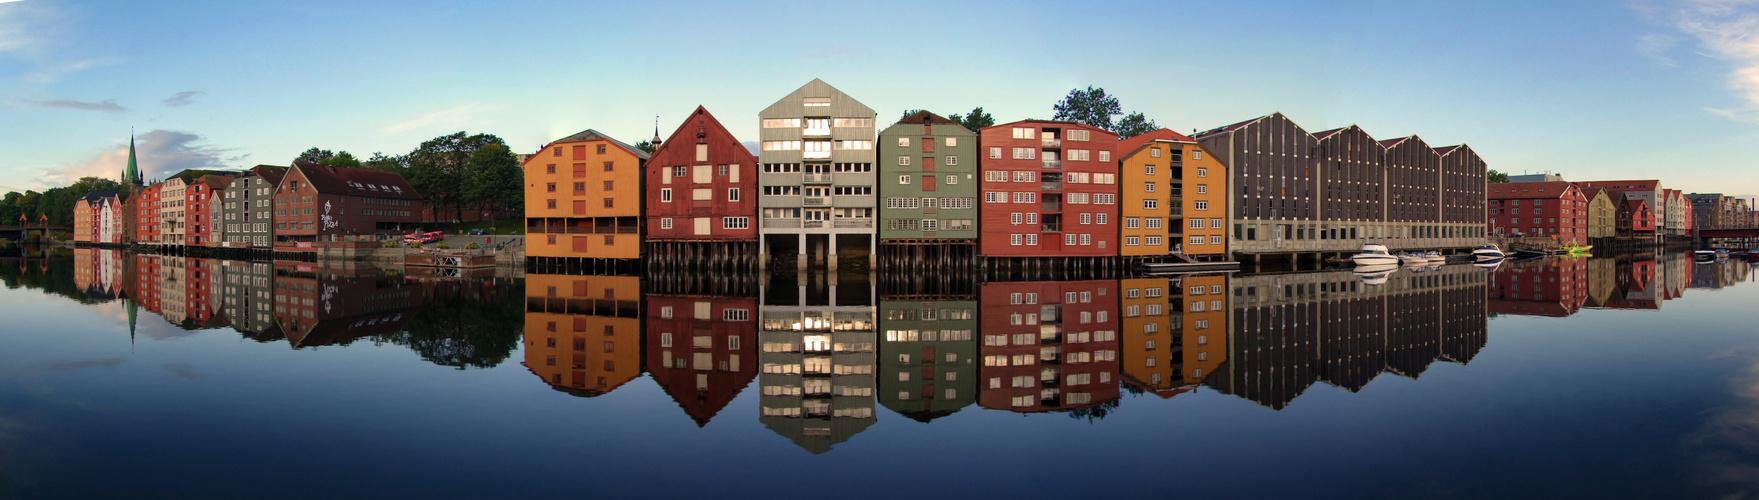 Trondheim - die typischen Lagerhäuser